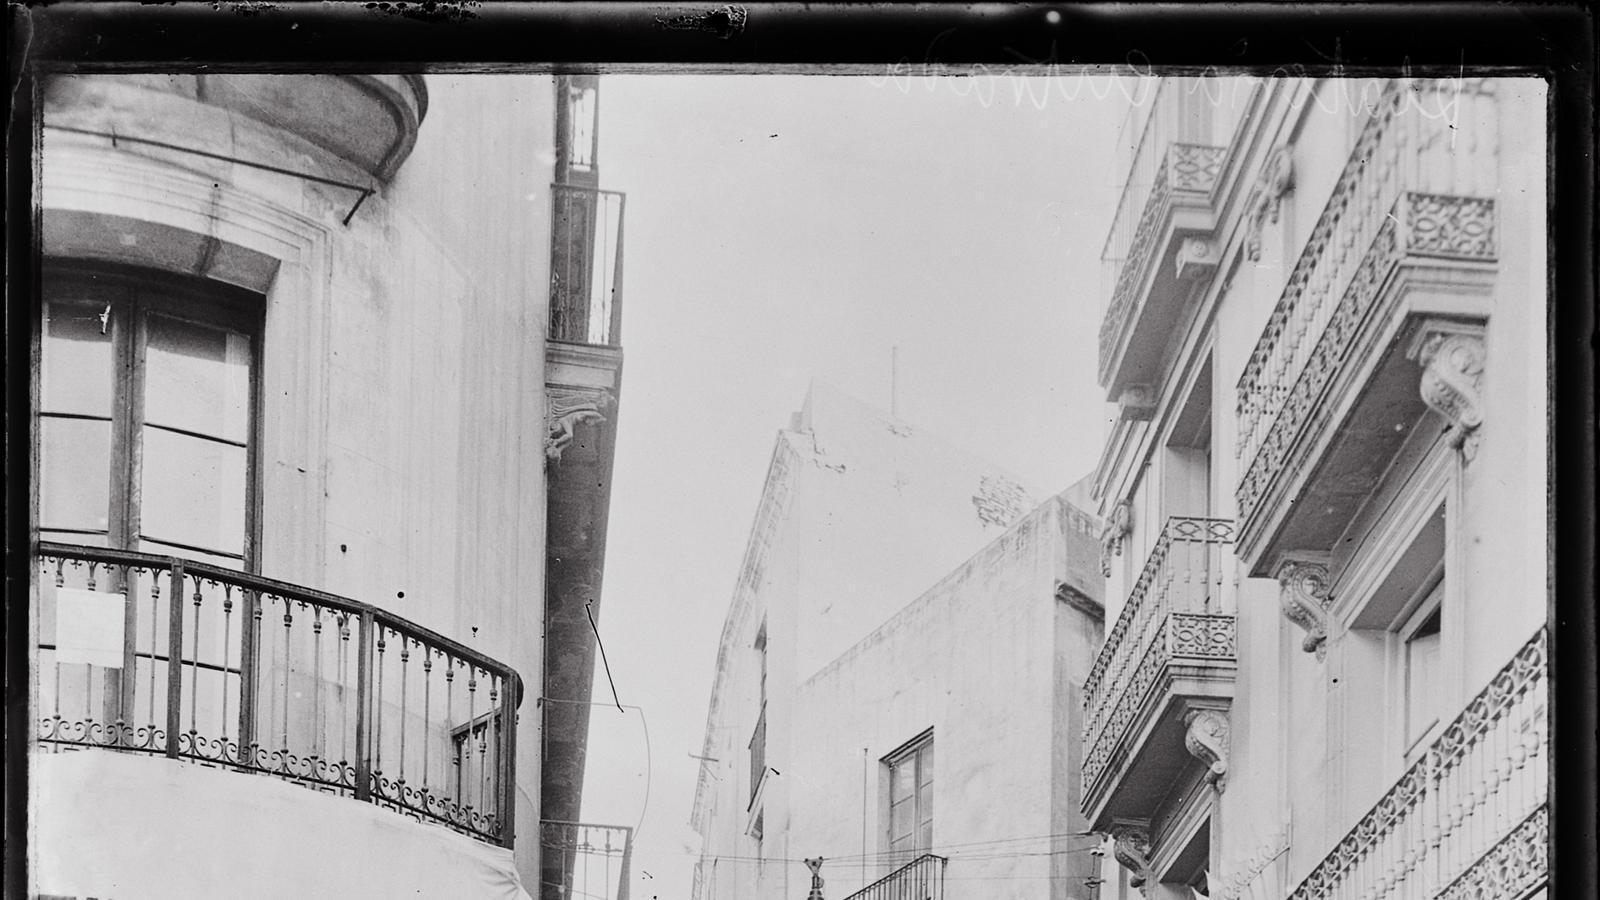 Carrer de l'Argenteria, 1908